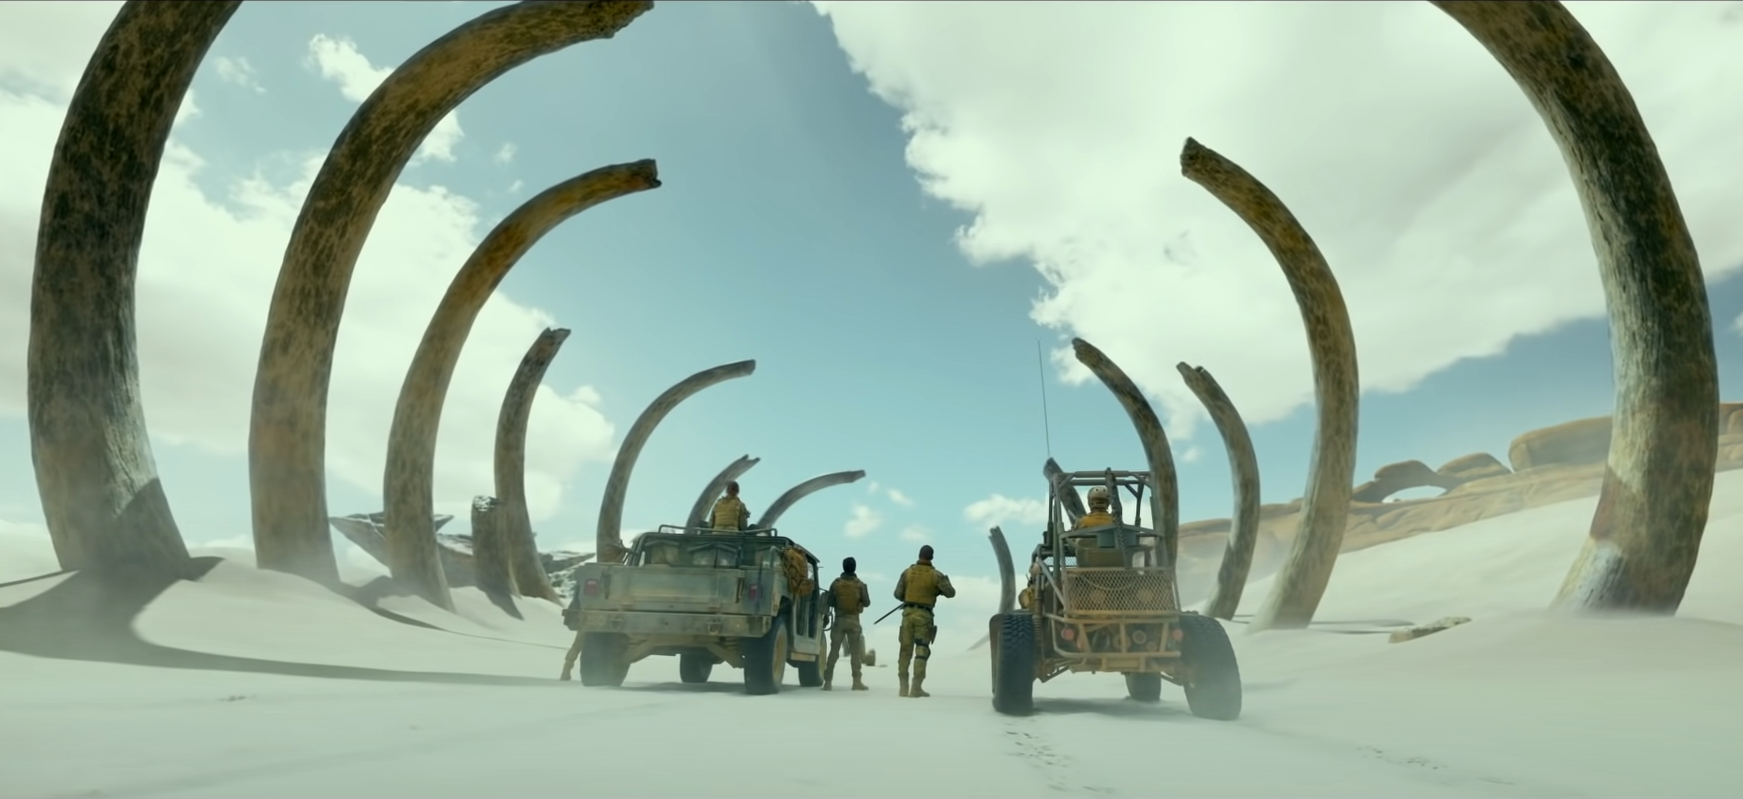 Film sa vo väčšine stopáže odohráva v nezáživnej bielej púšti